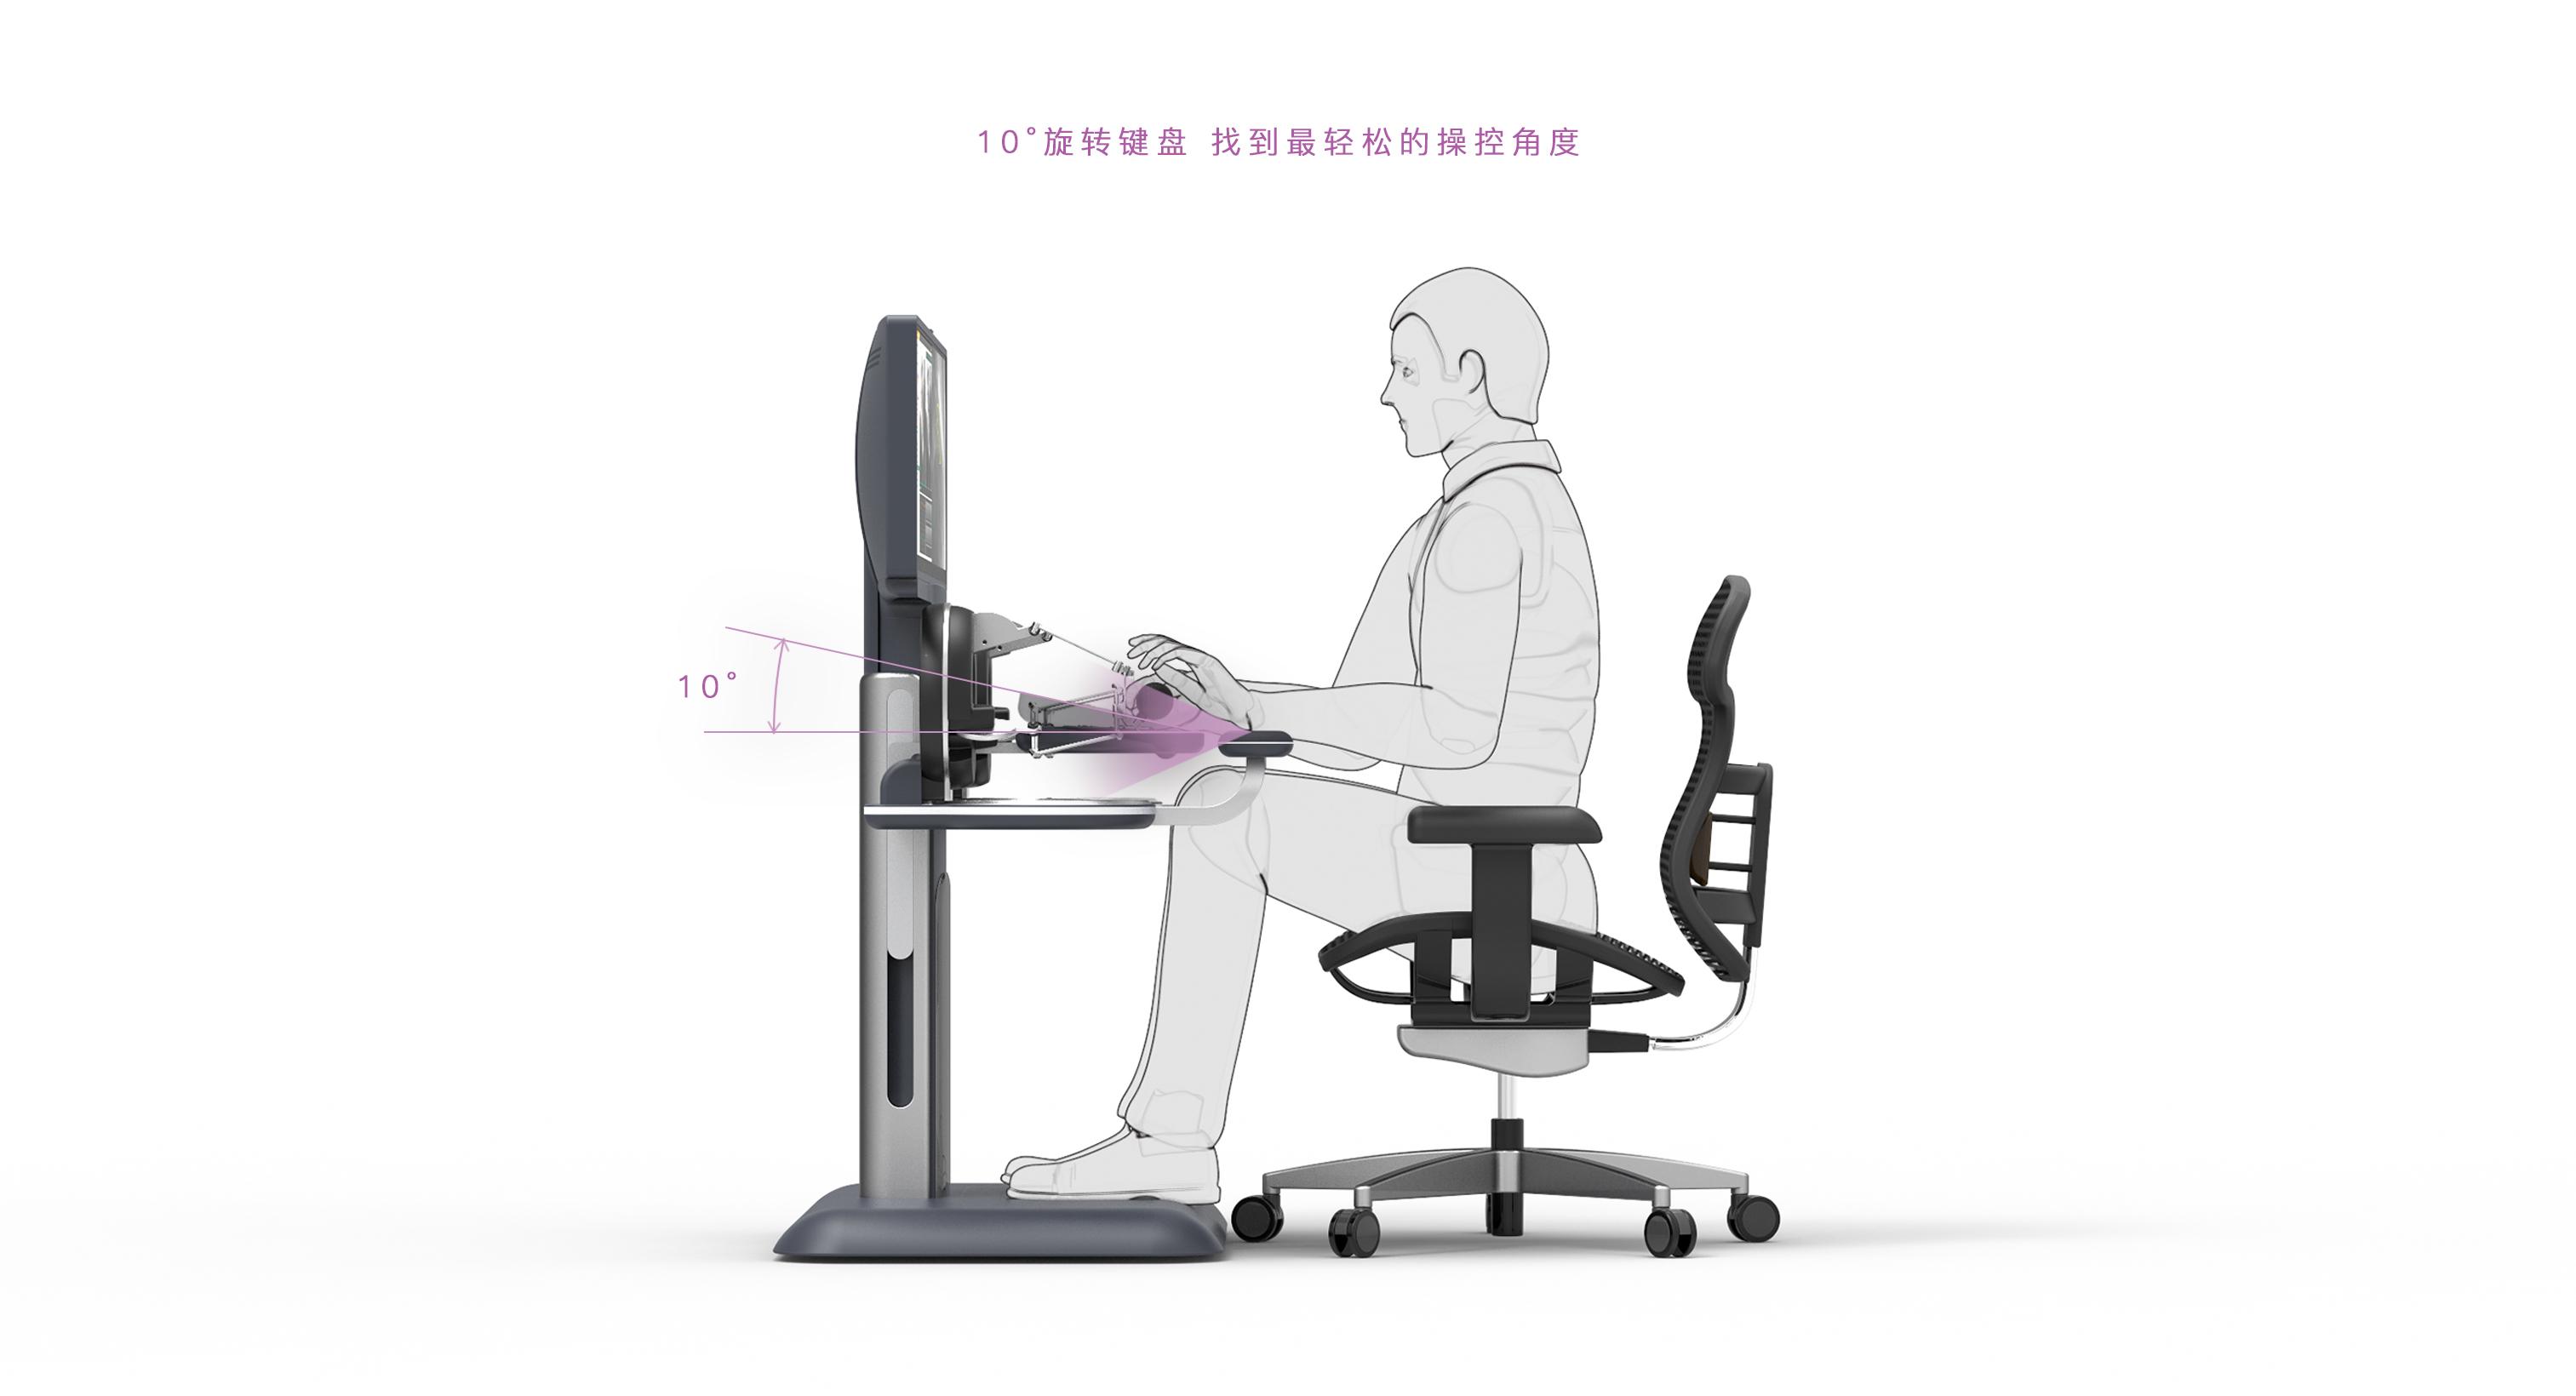 02-键盘旋转示意图